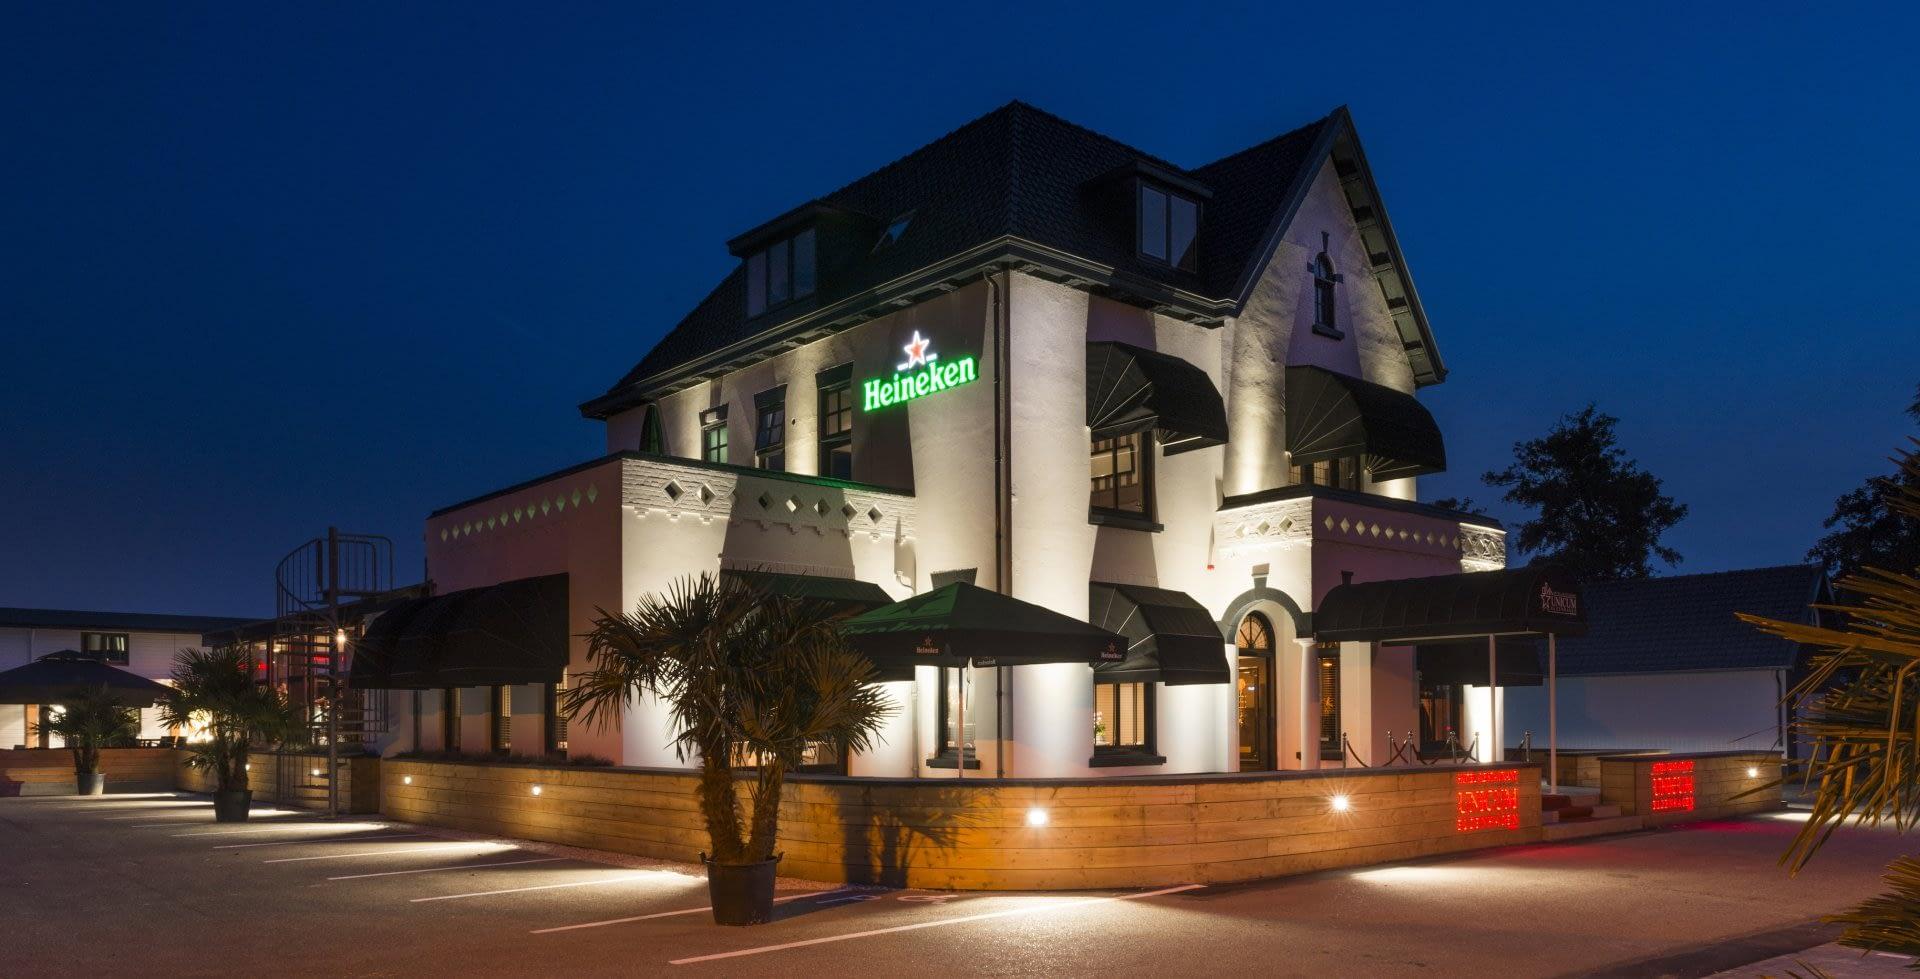 buitenzijde van het pand van hotel-restaurant Unicum Elzenhagen in het Westland